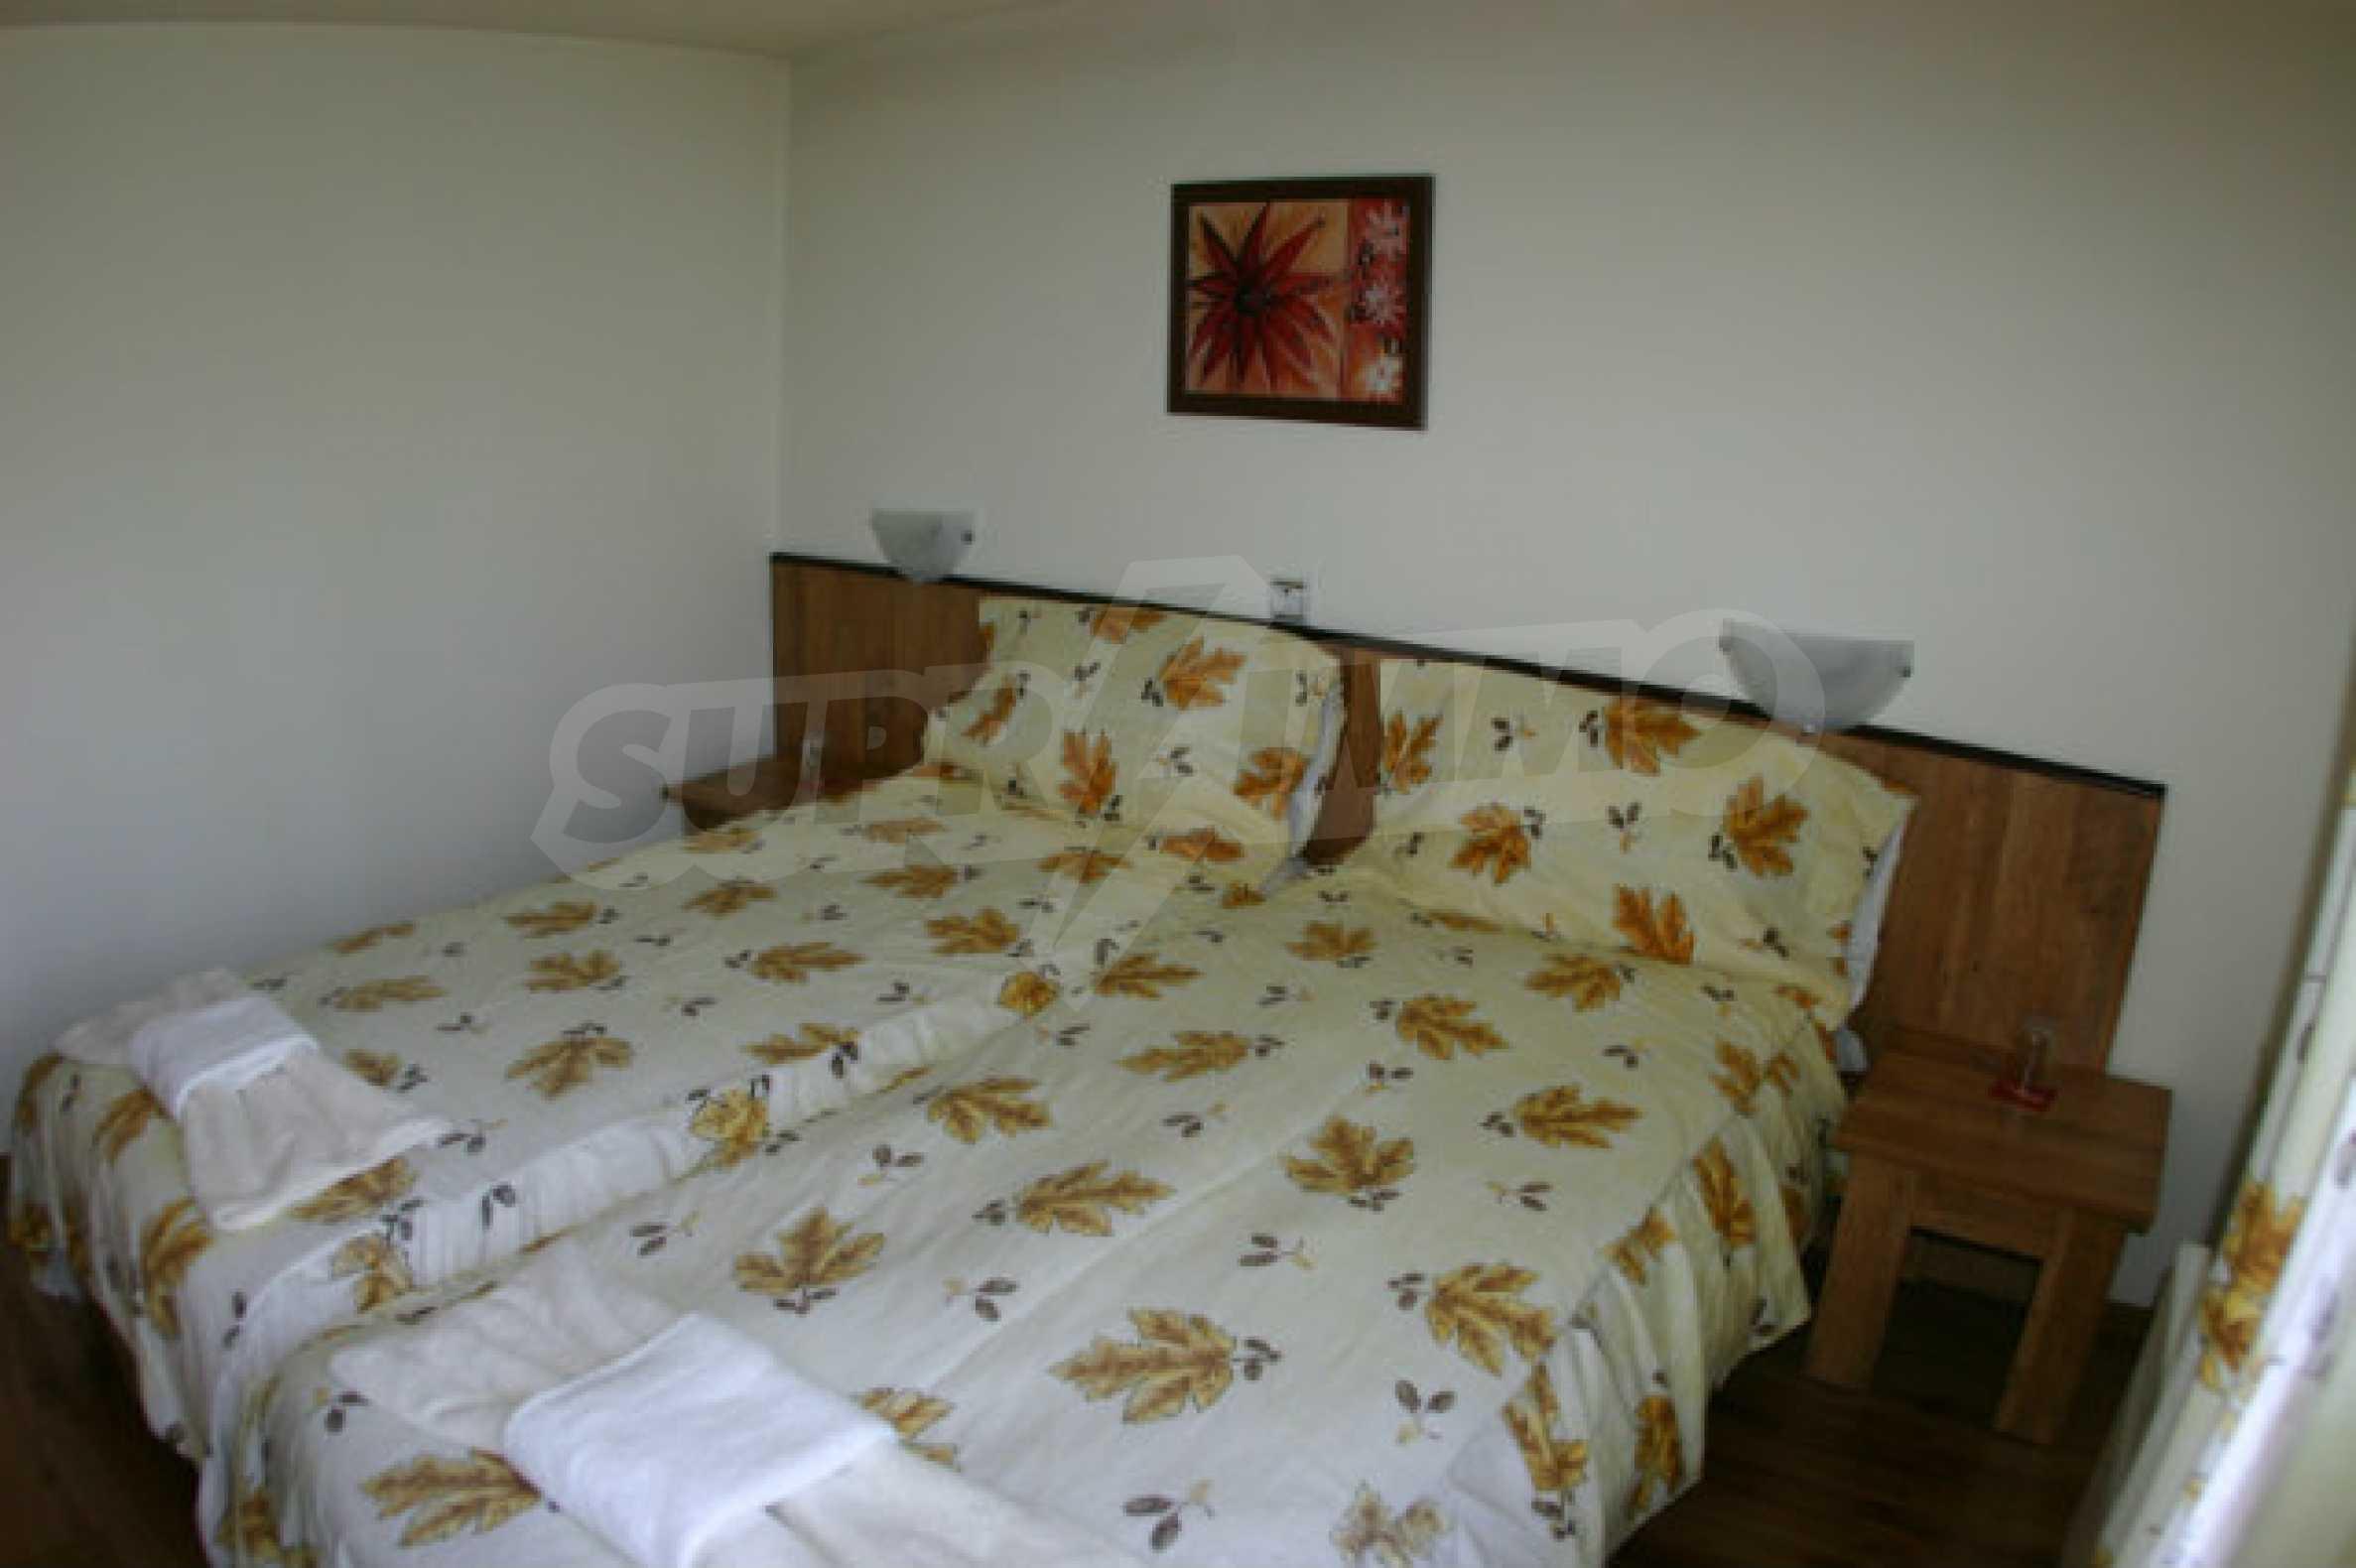 Familienhotel zum Verkauf in Dobrinischte, 6 km von Bansko entfernt 29